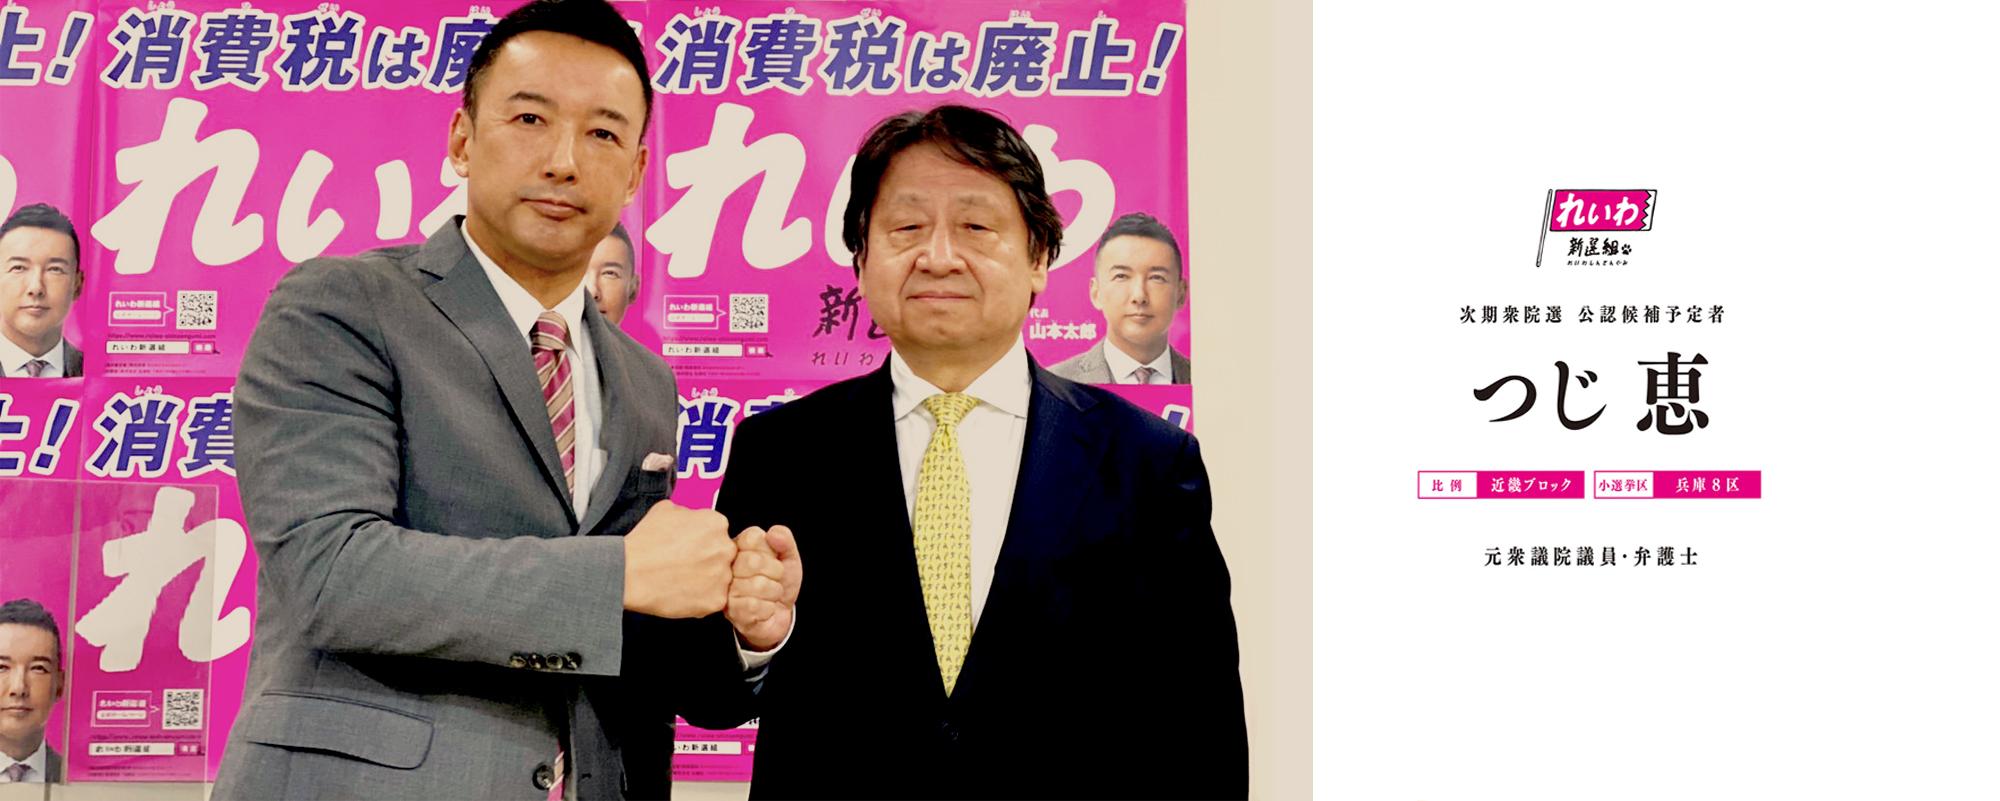 弊会事務局長辻惠弁護士がれいわ新選組より衆議院議員選挙出馬表明